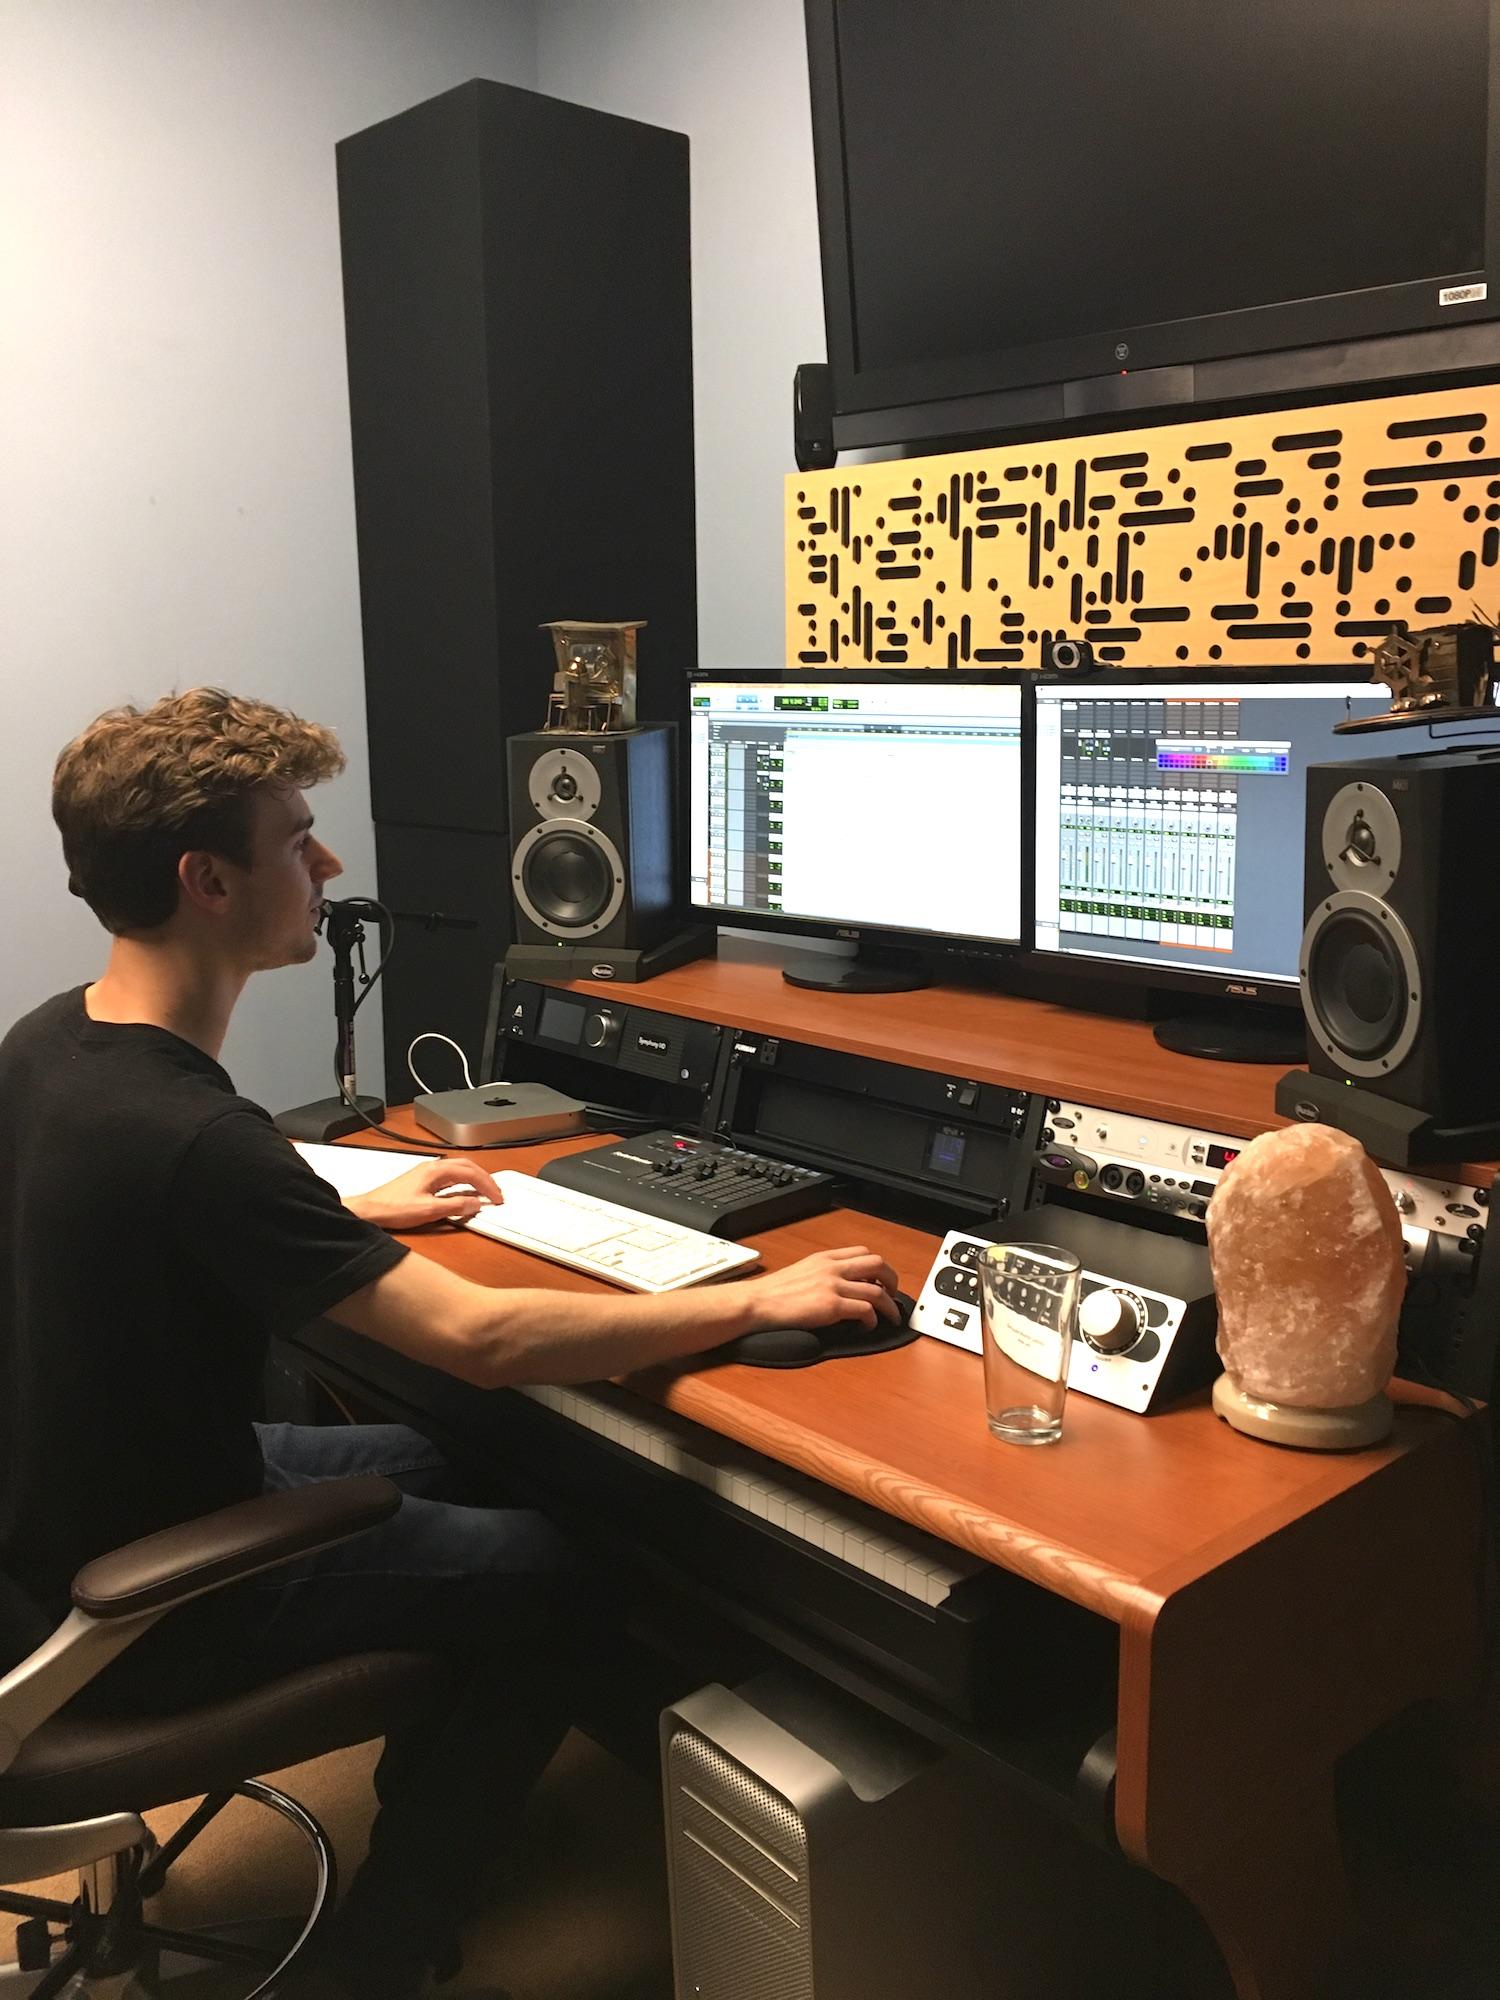 Sam McCormick at work at Amper Music in Santa Monica, California.